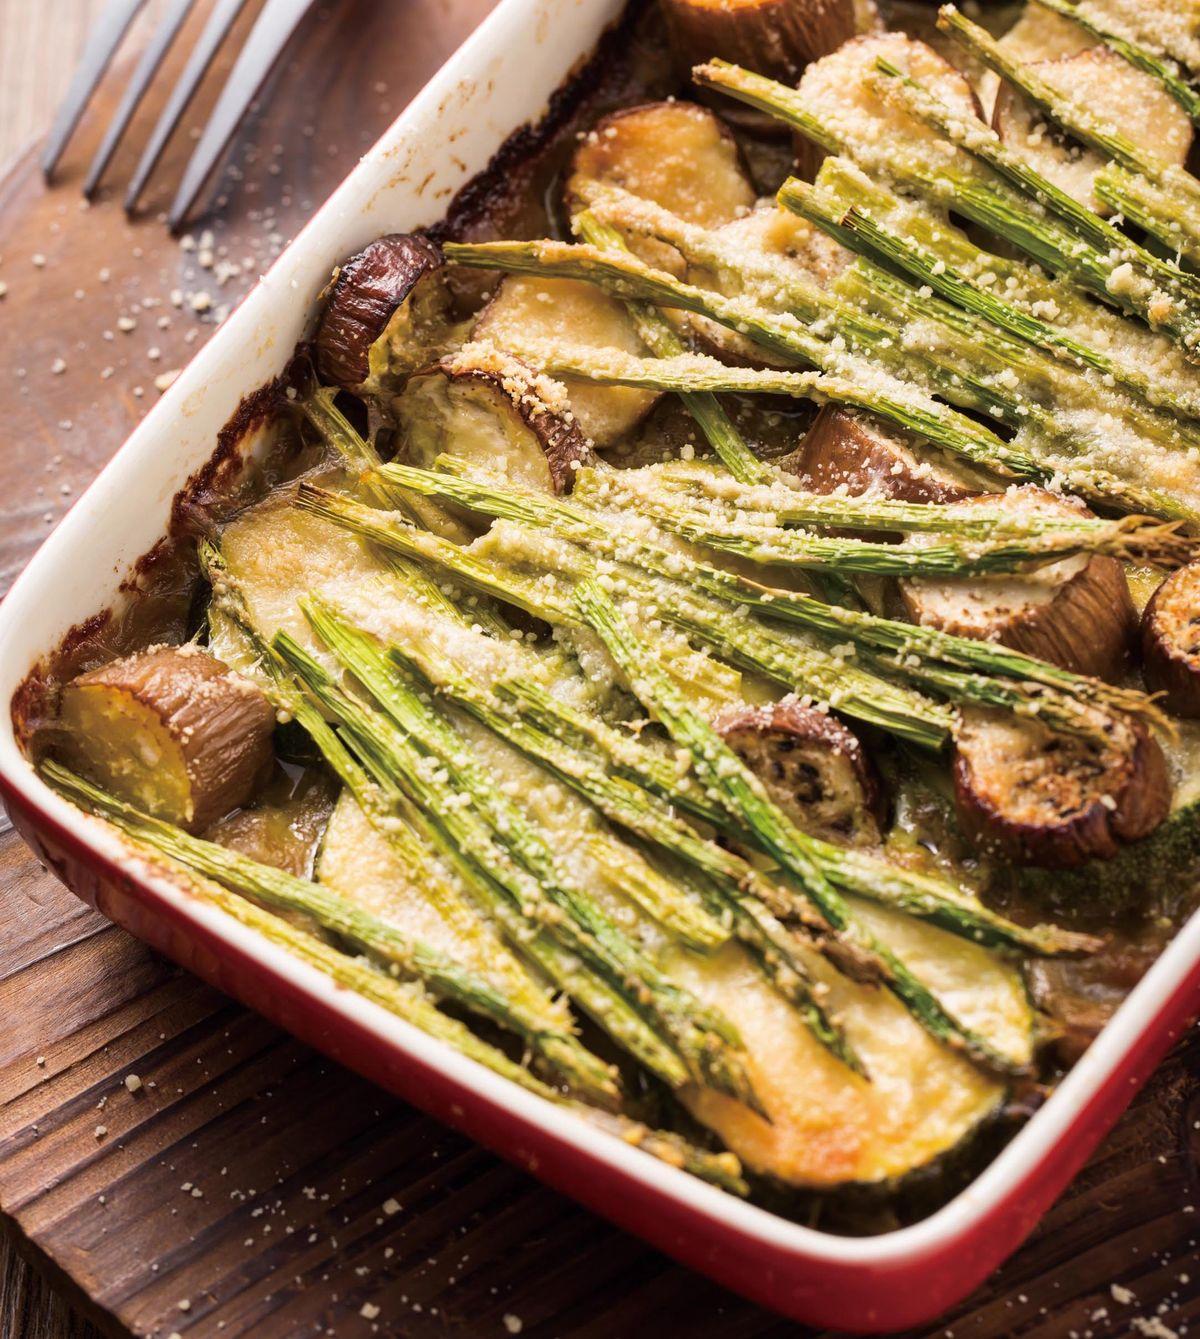 食譜:焗烤蔬菜